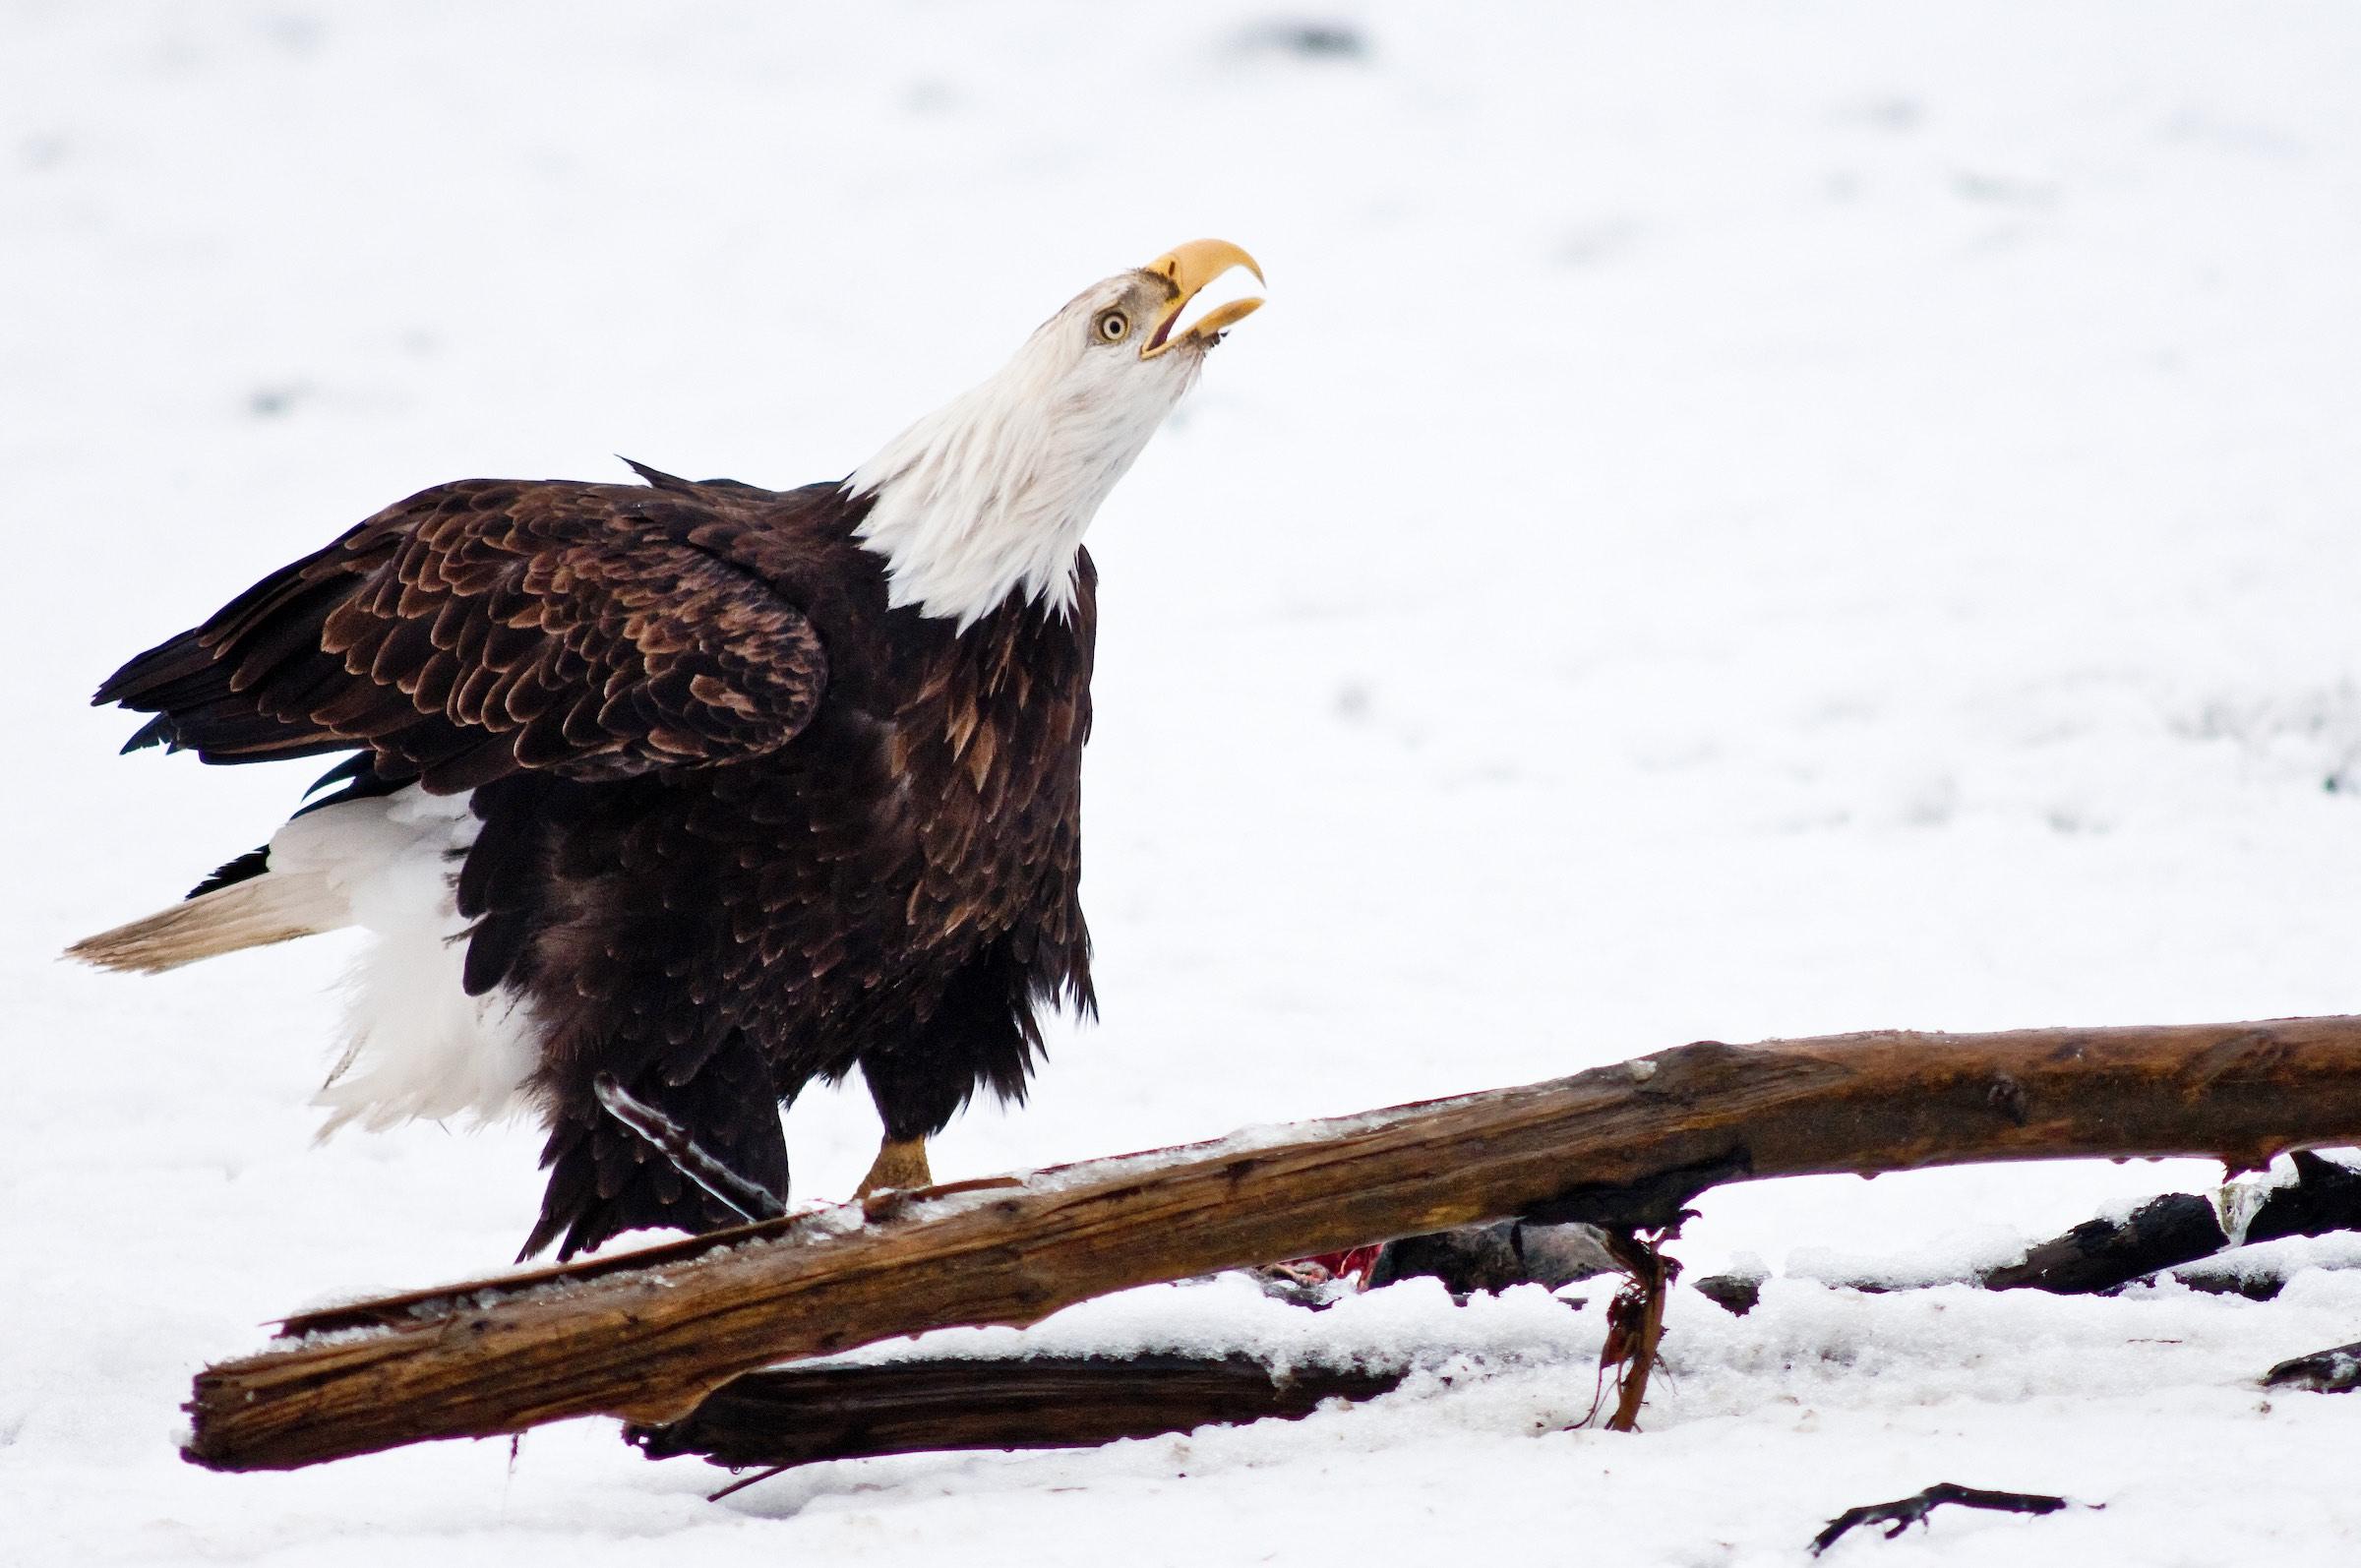 bald eagle. © given photography 2018